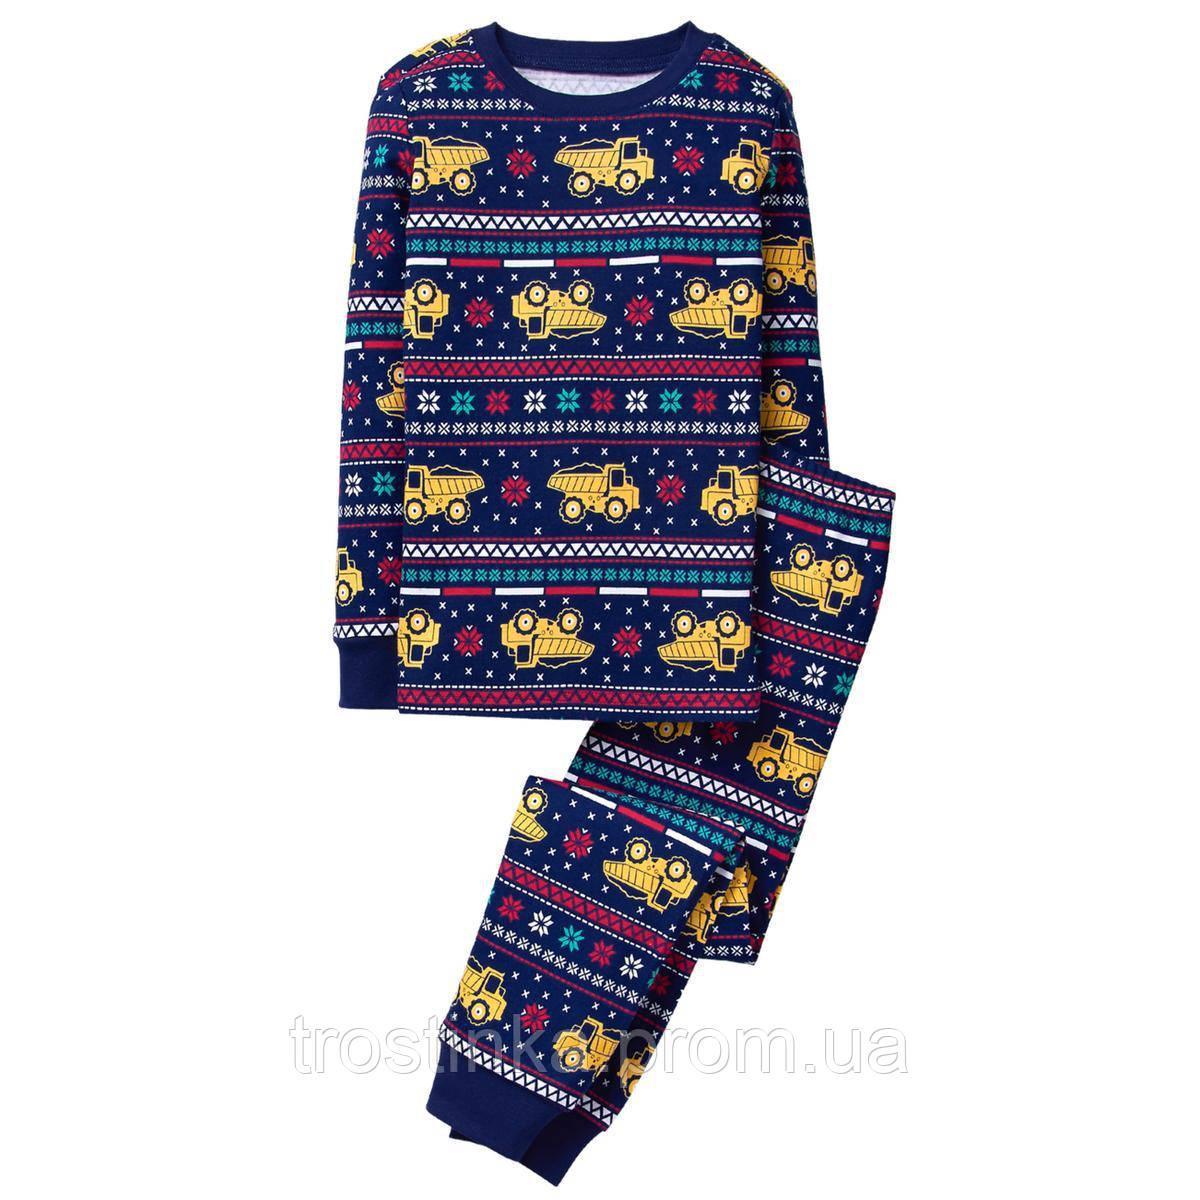 b6cbeb9746d1 Пижама для мальчика 2в1 Gymboree